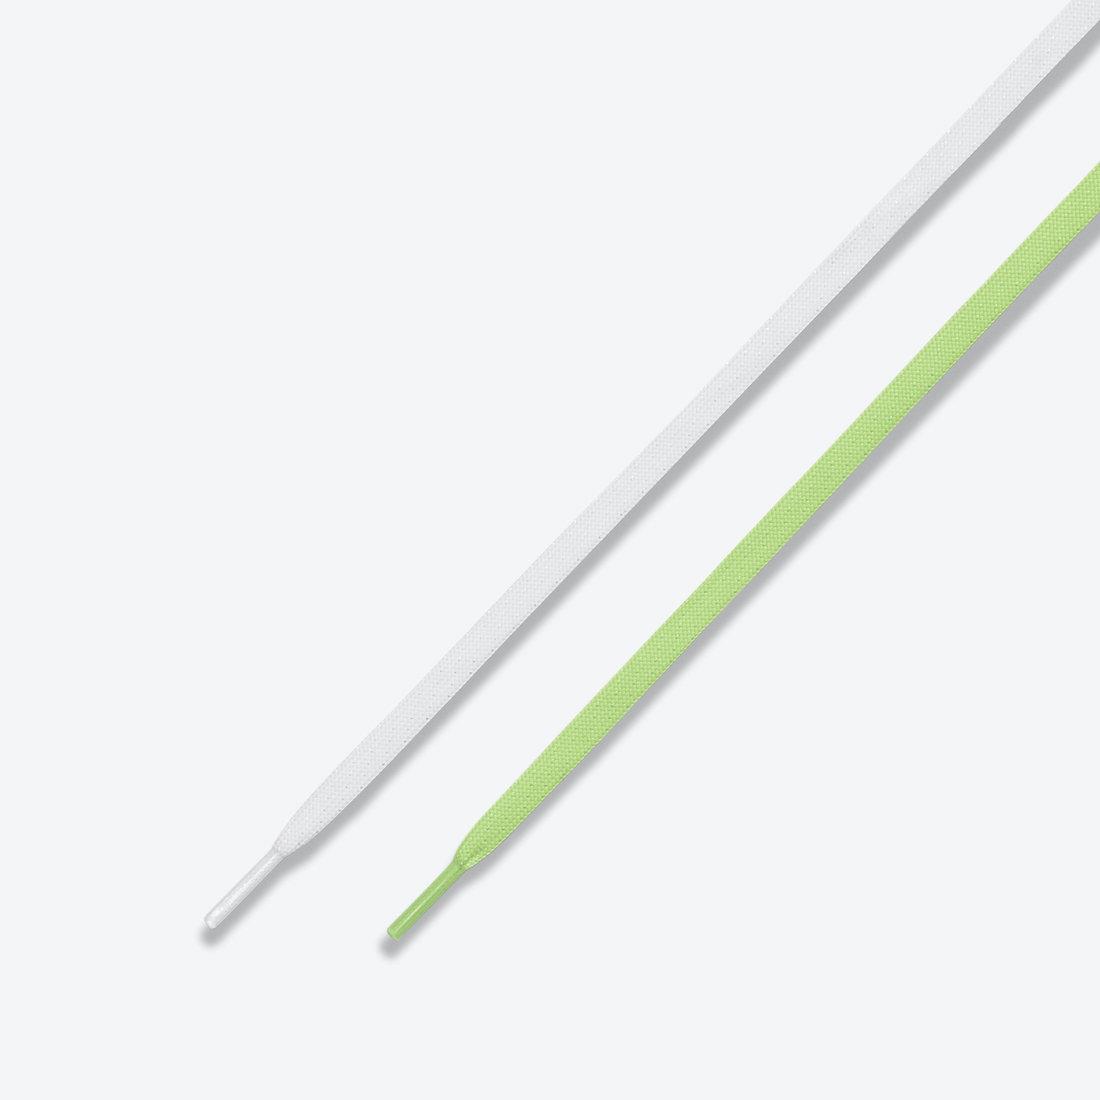 ナイキ エア マックス 90 コート パープル Nike Air Max 90 NRG White Electric Green Court Purple CT1684-100 shoelace